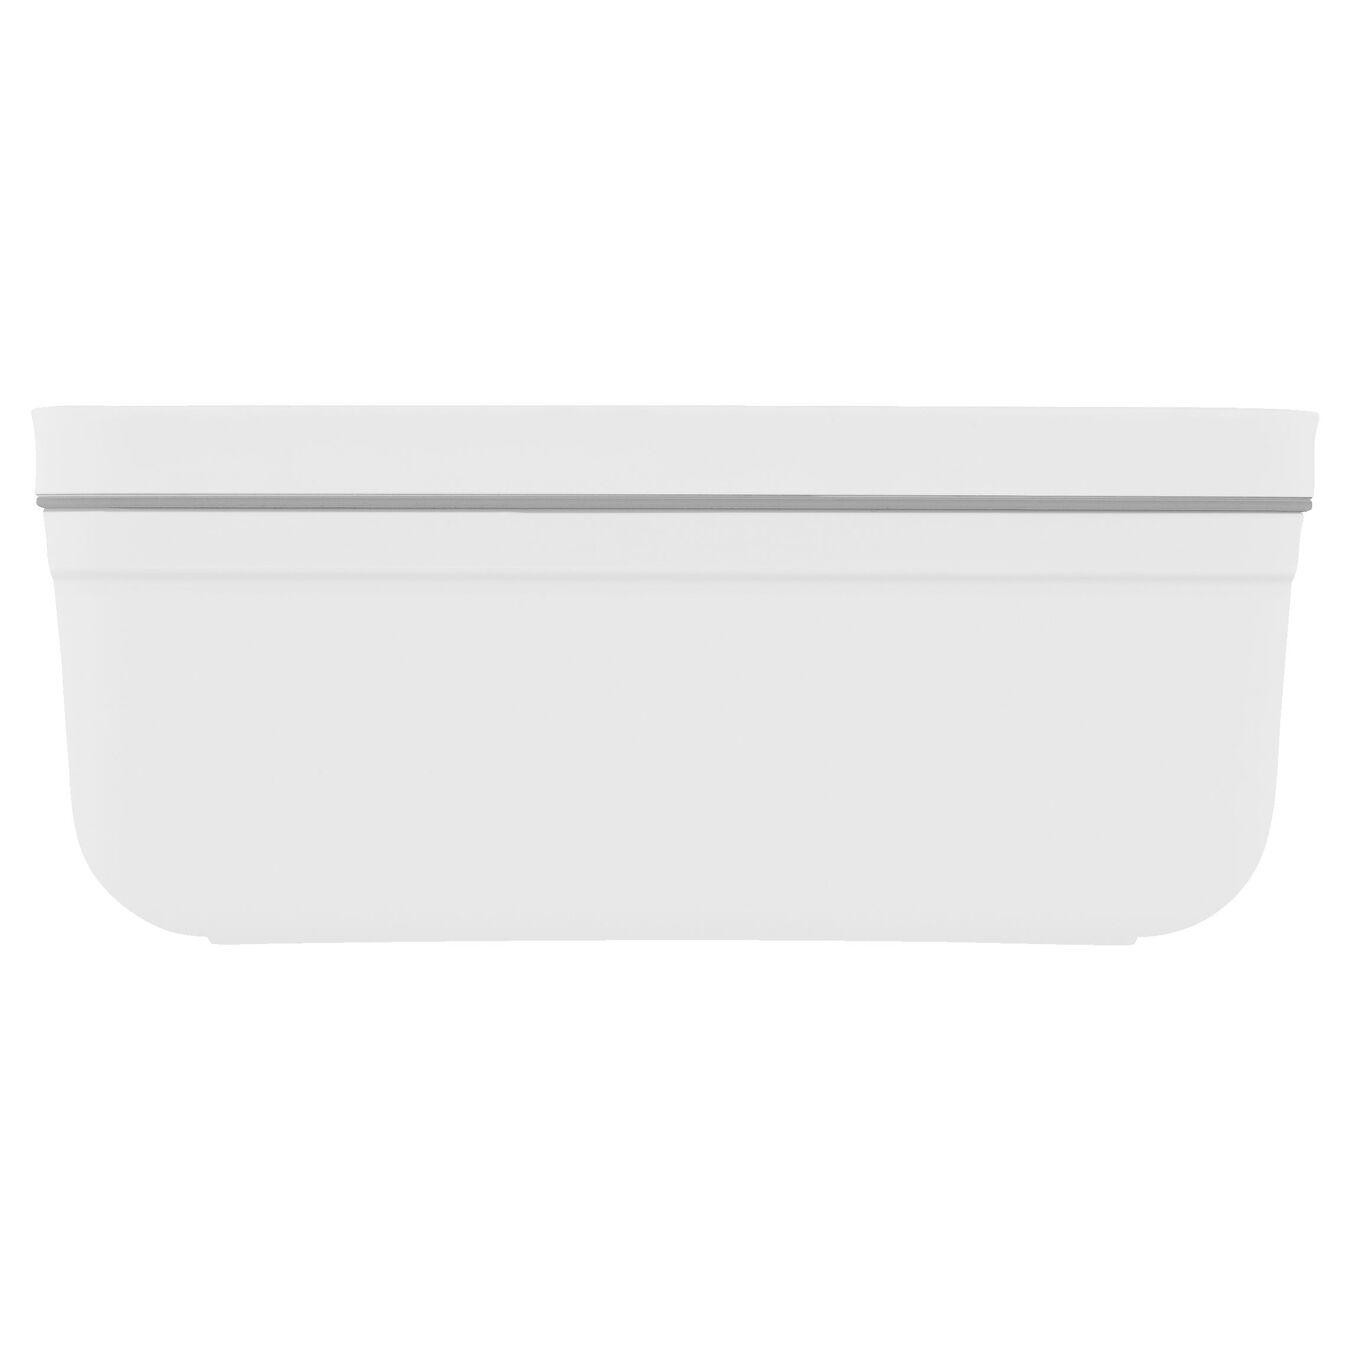 medium Vacuum lunch box, Plastic, white,,large 2